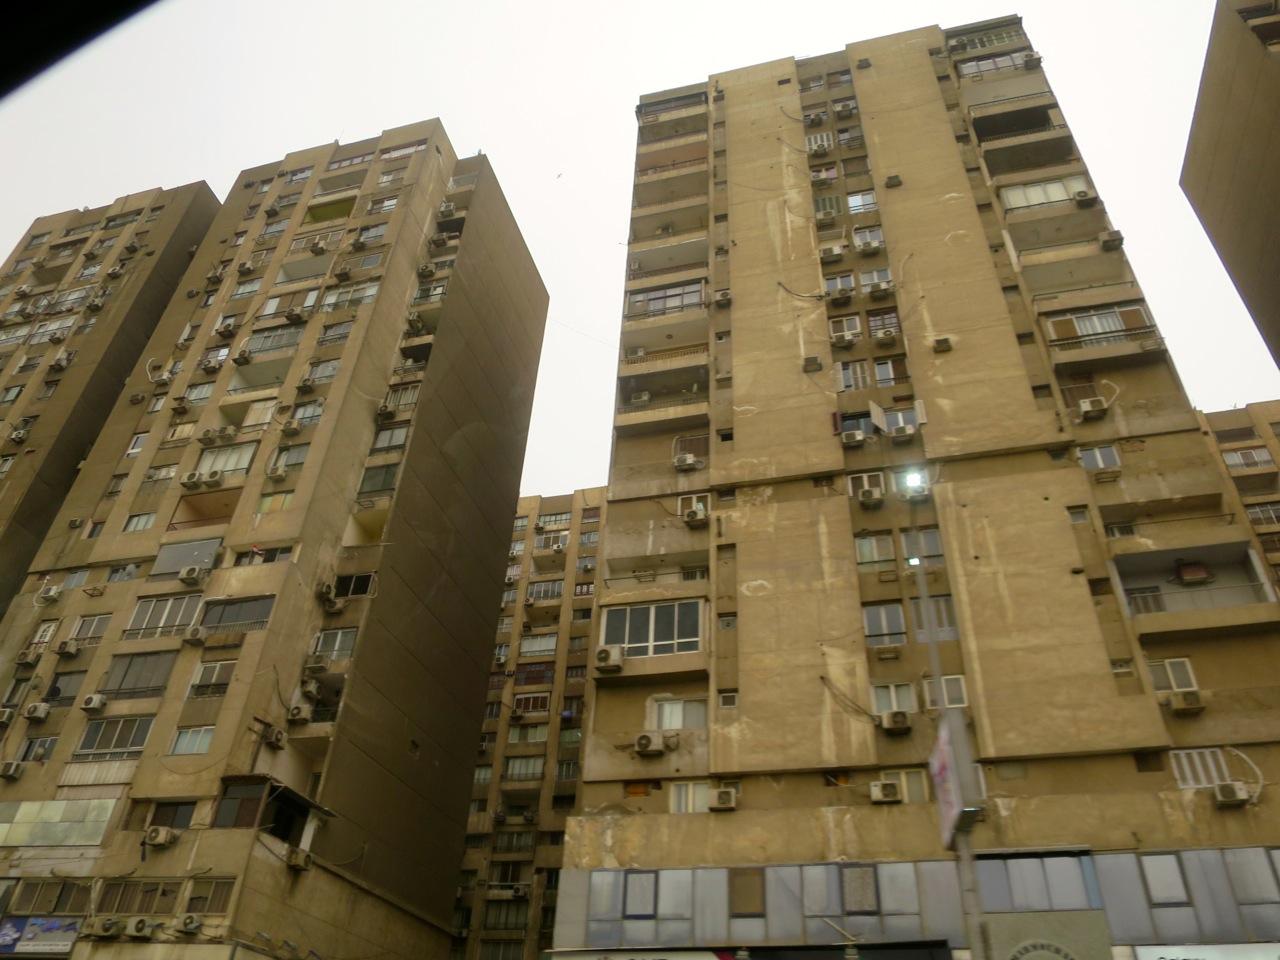 Cairo 1-03